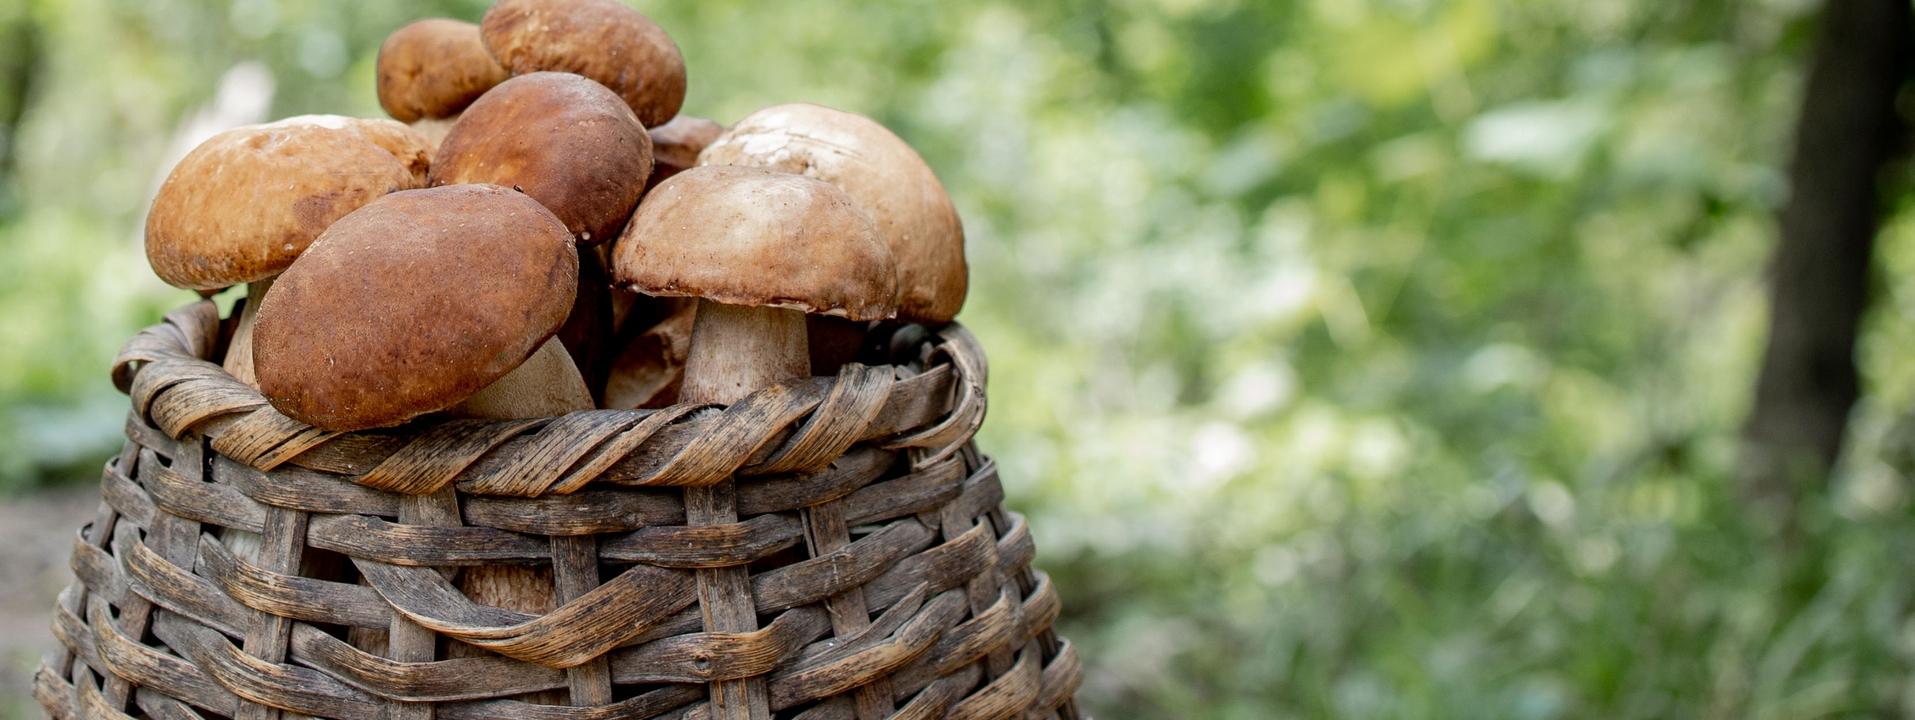 Les champignons, stars de l'automne